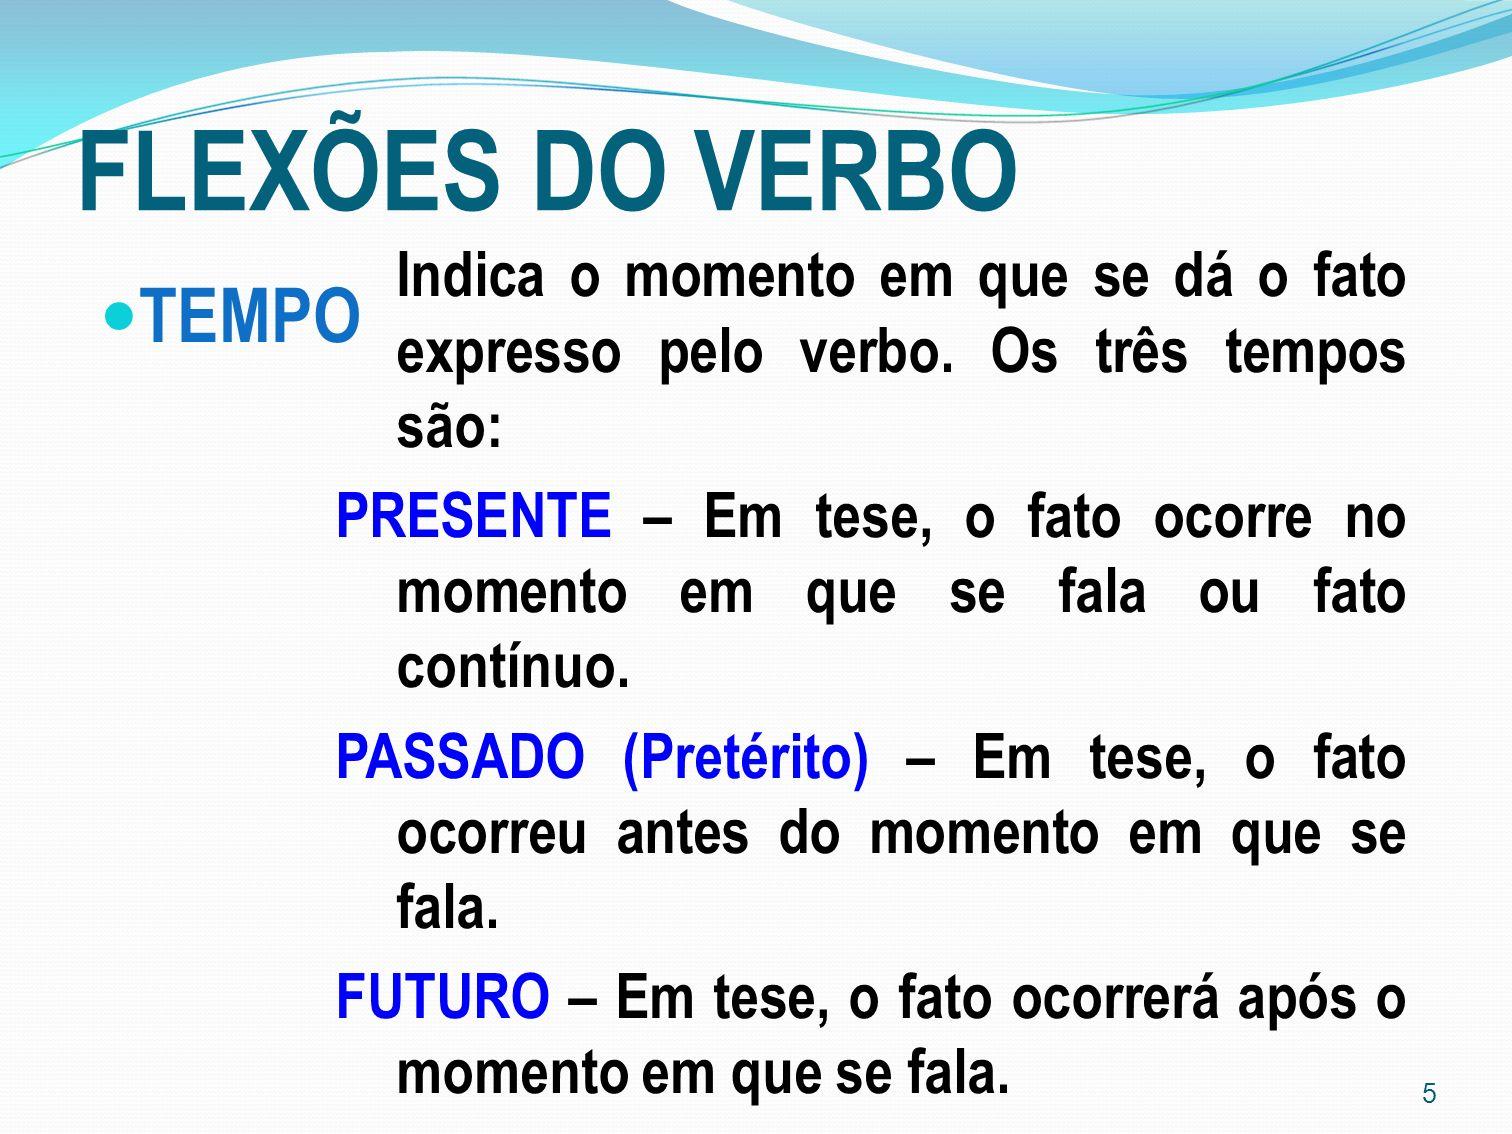 5 FLEXÕES DO VERBO TEMPO Indica o momento em que se dá o fato expresso pelo verbo. Os três tempos são: PRESENTE – Em tese, o fato ocorre no momento em